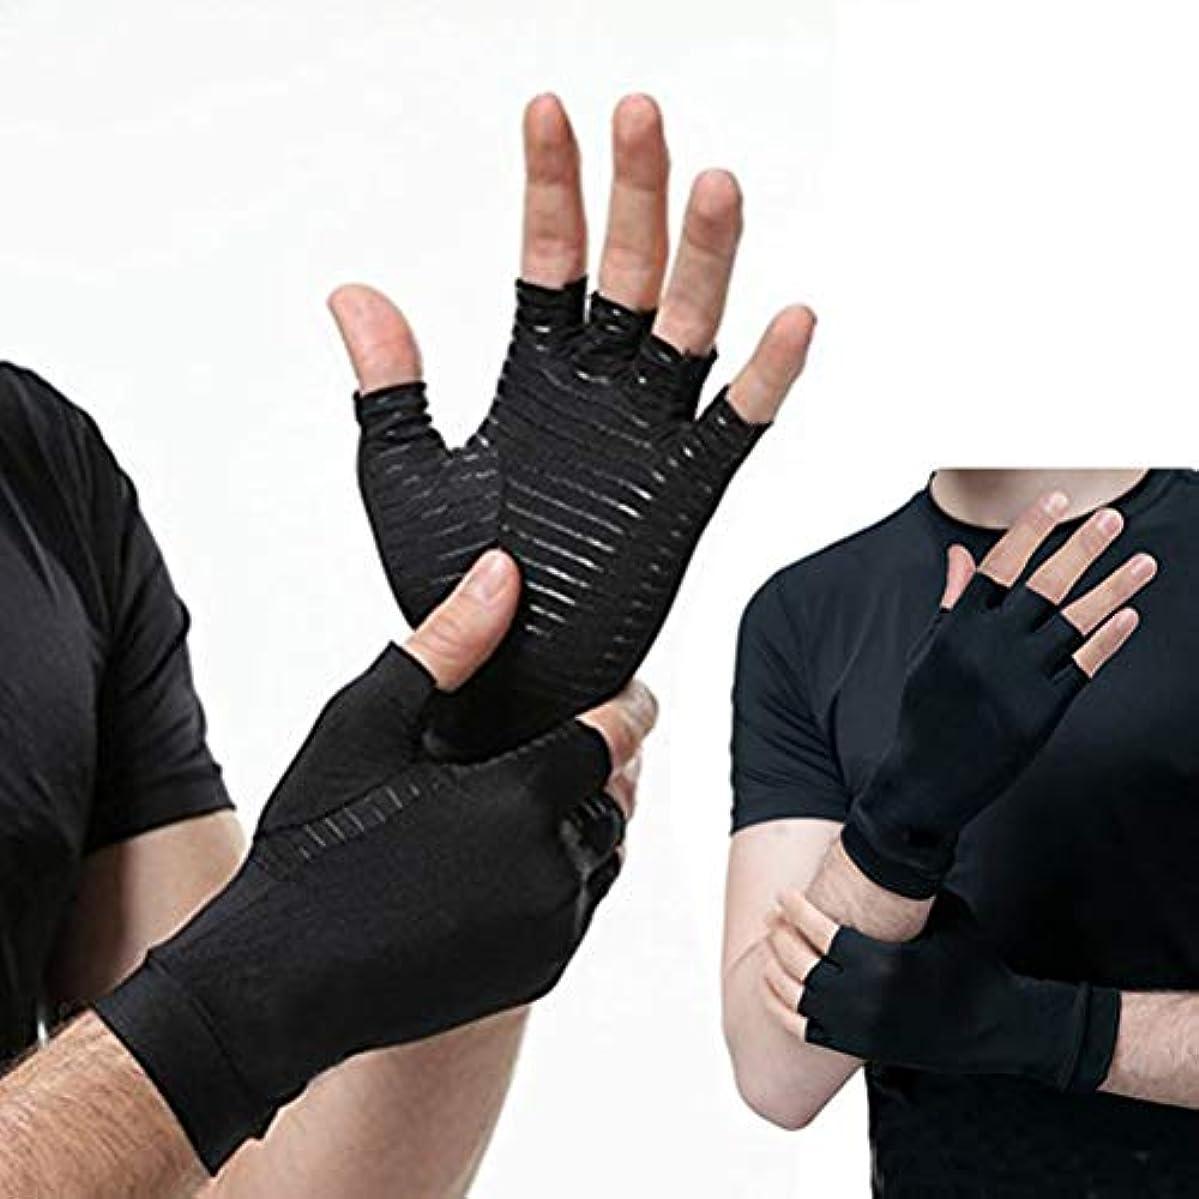 余暇破壊するキネマティクスTAIPPAN 1ペア銅関節炎手袋銅圧縮関節炎手袋指なしスポーツ手袋医療用手袋